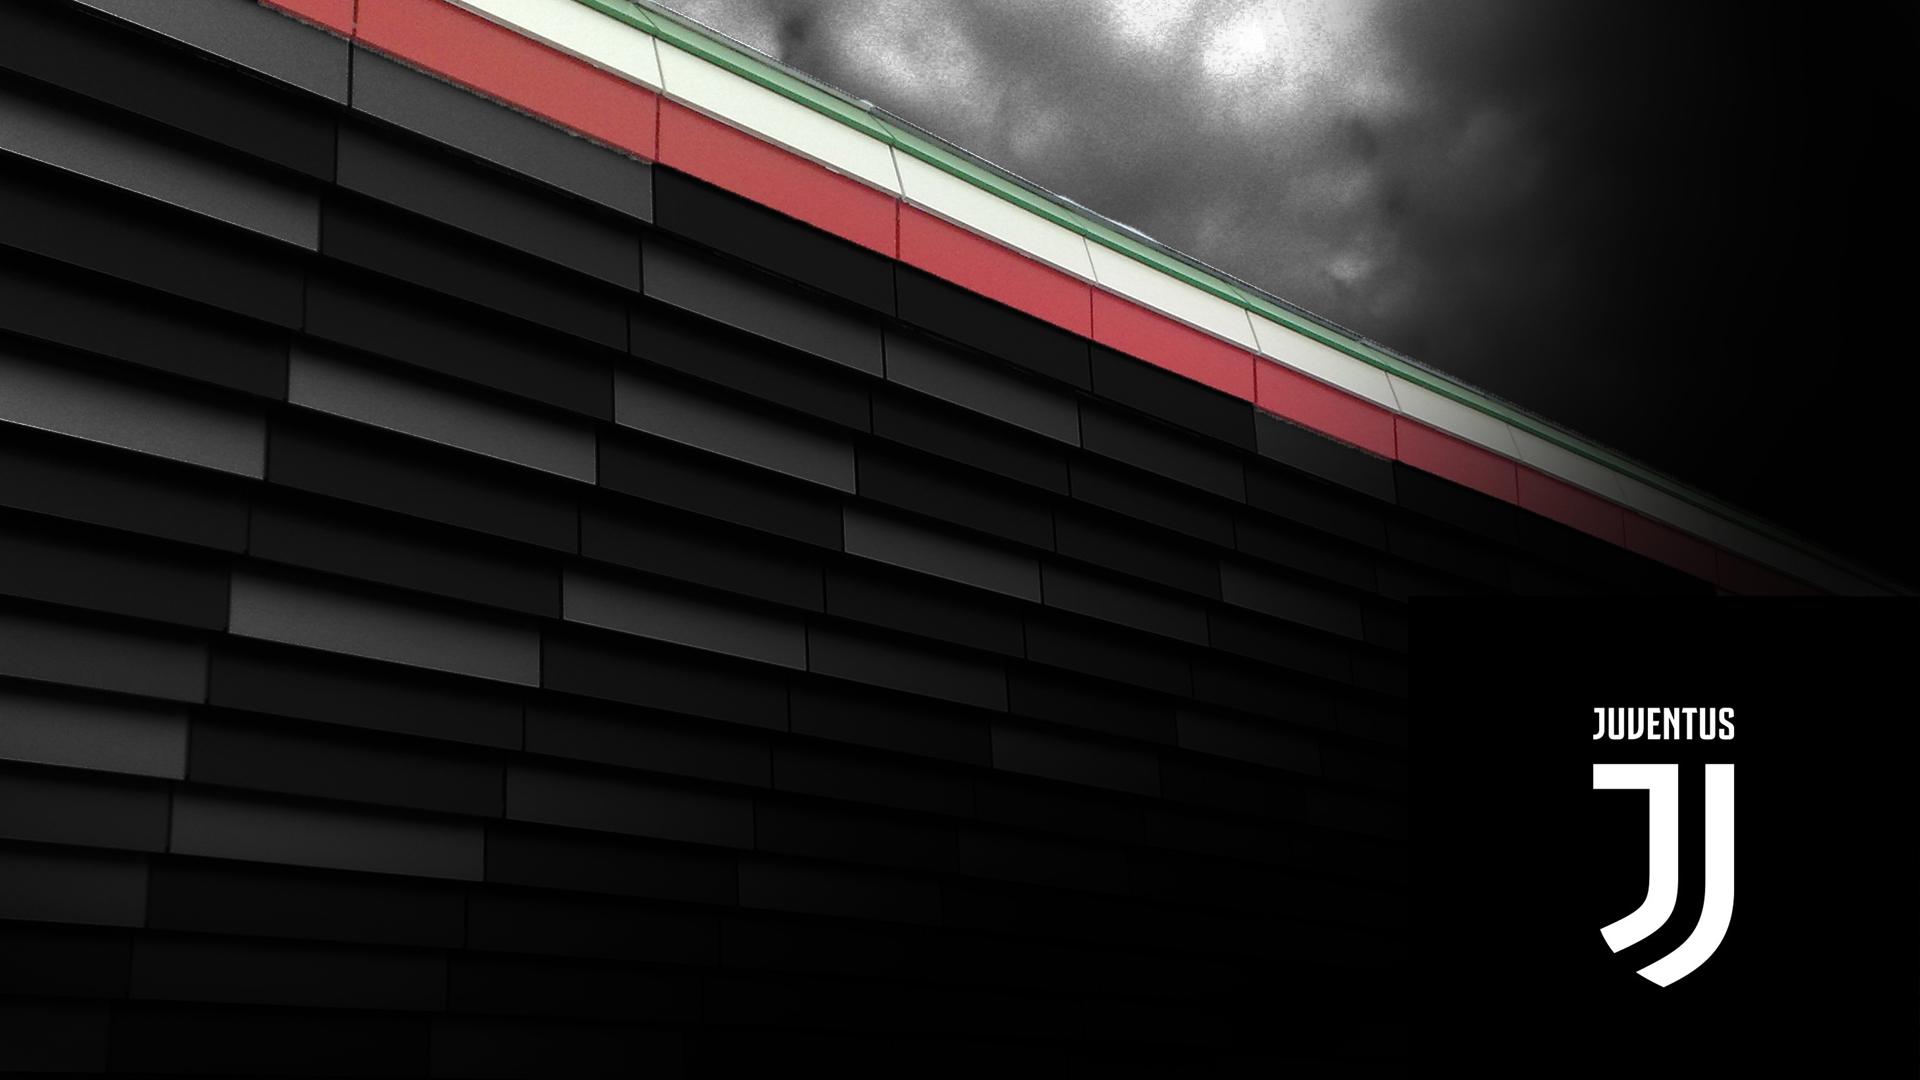 Wallpaper Juventus Juve 1920x1080 Luisjuve1897